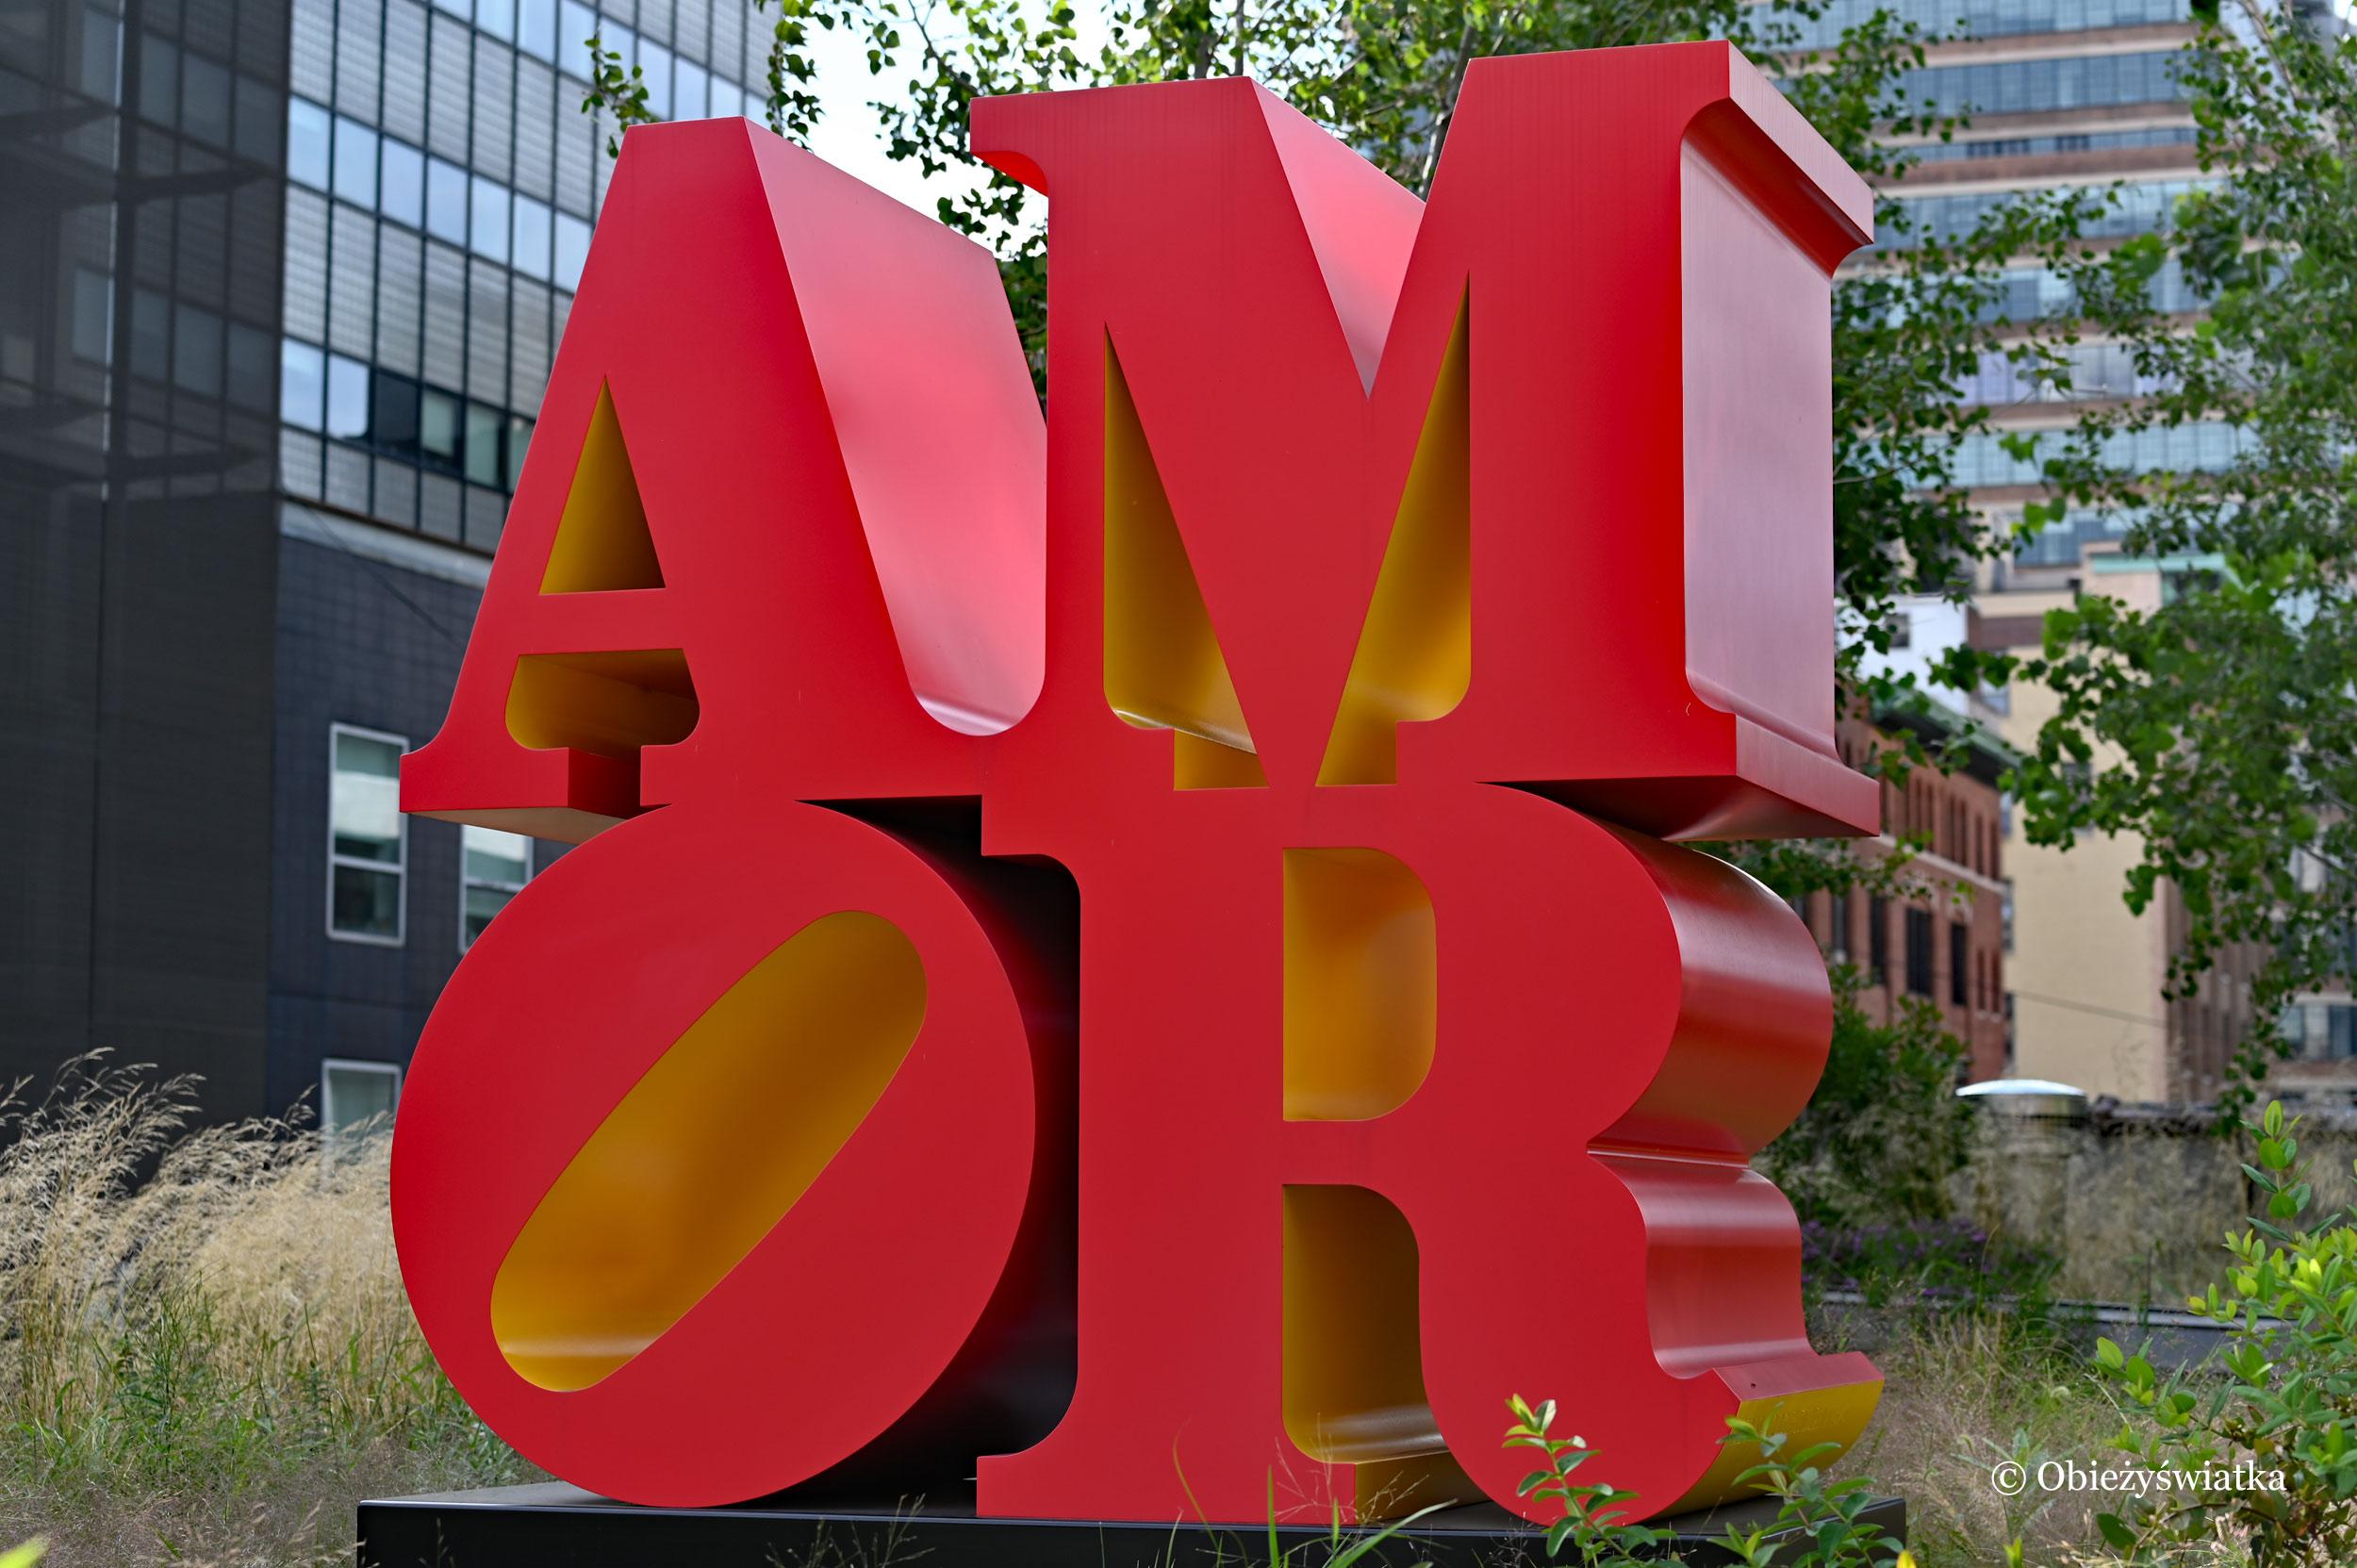 Rzeźba LOVE w języku hiszpańskim - AMOR autor: Robert Indiana, The High Line, Nowy Jork